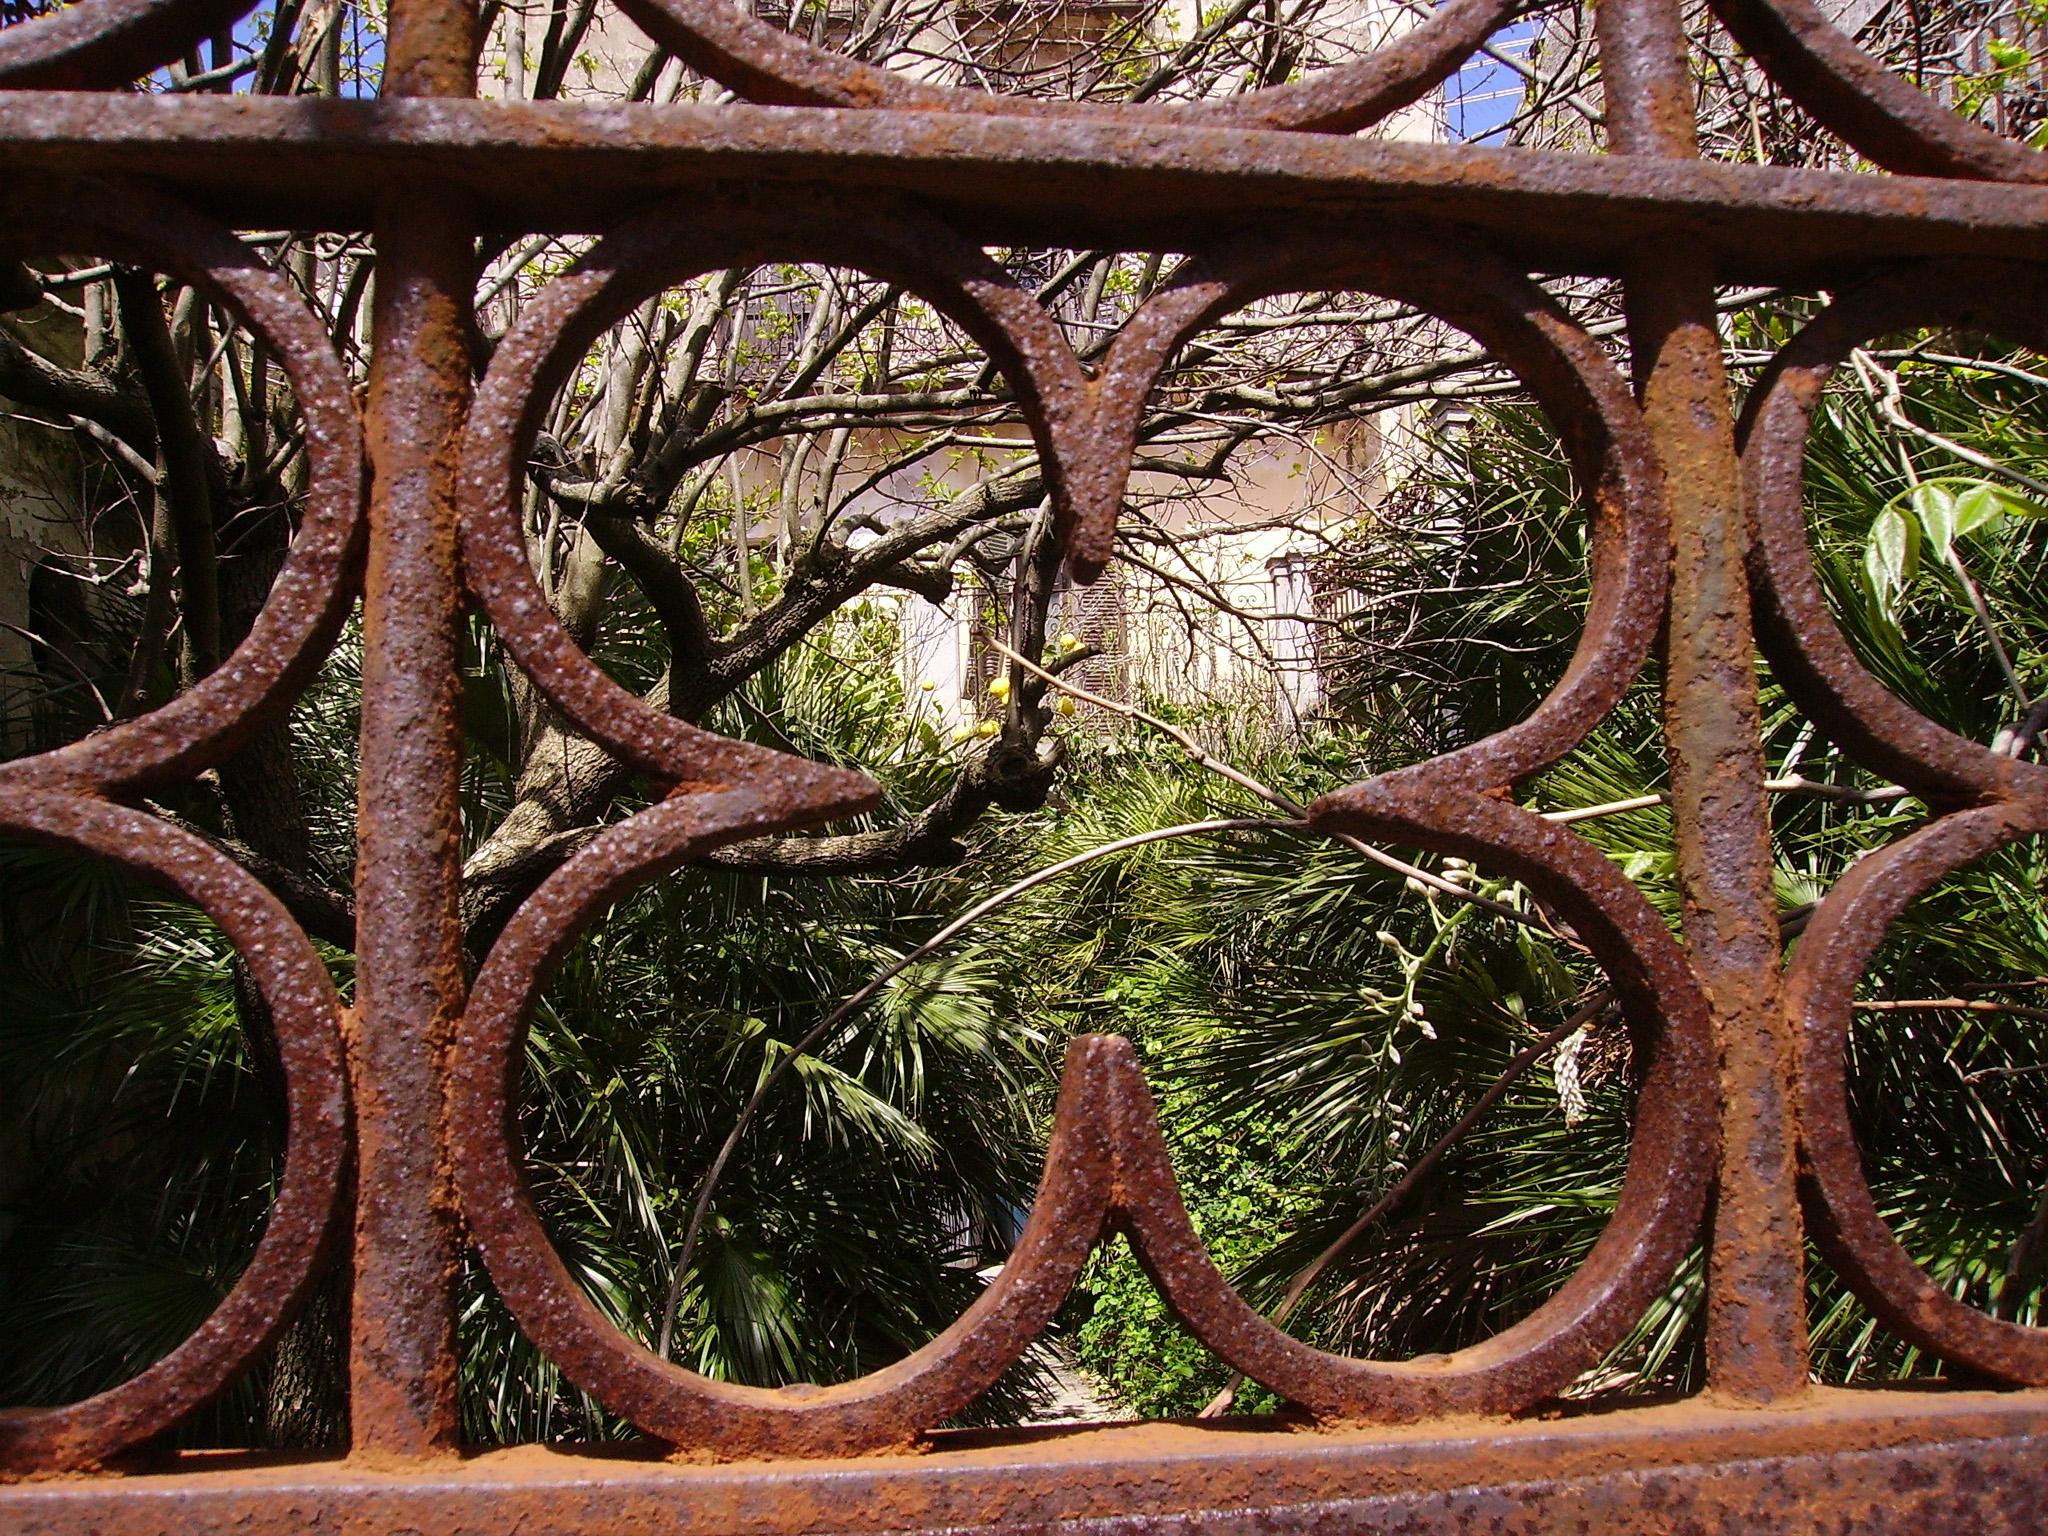 Jardin - foto di Giulio Concu